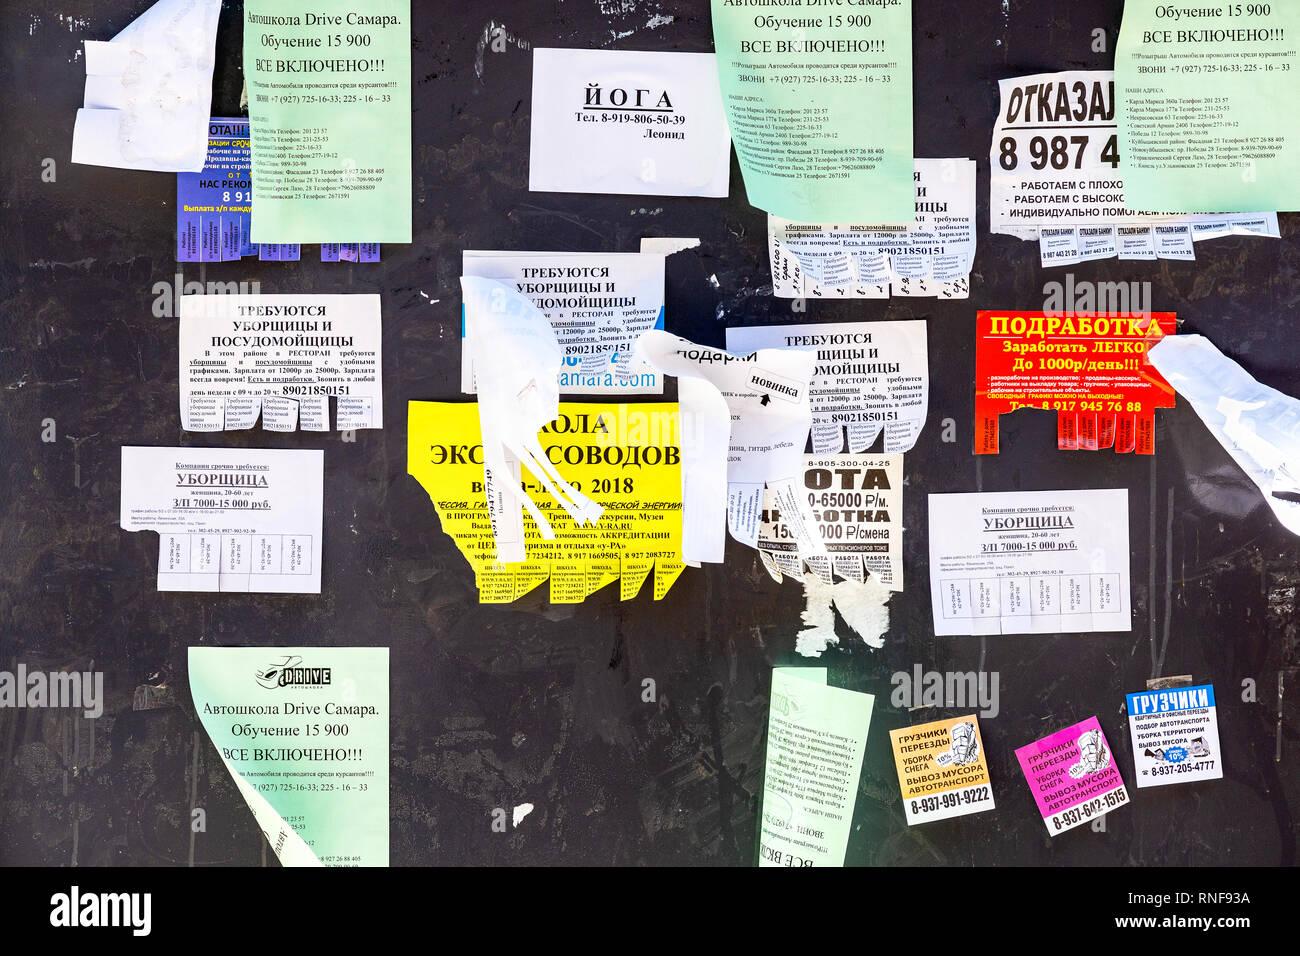 Samara, Rusia - 5 de mayo de 2018: Live bulletin board. Anuncios de papel en la pared. Jirones de varios anuncios en una vieja pared de madera Imagen De Stock